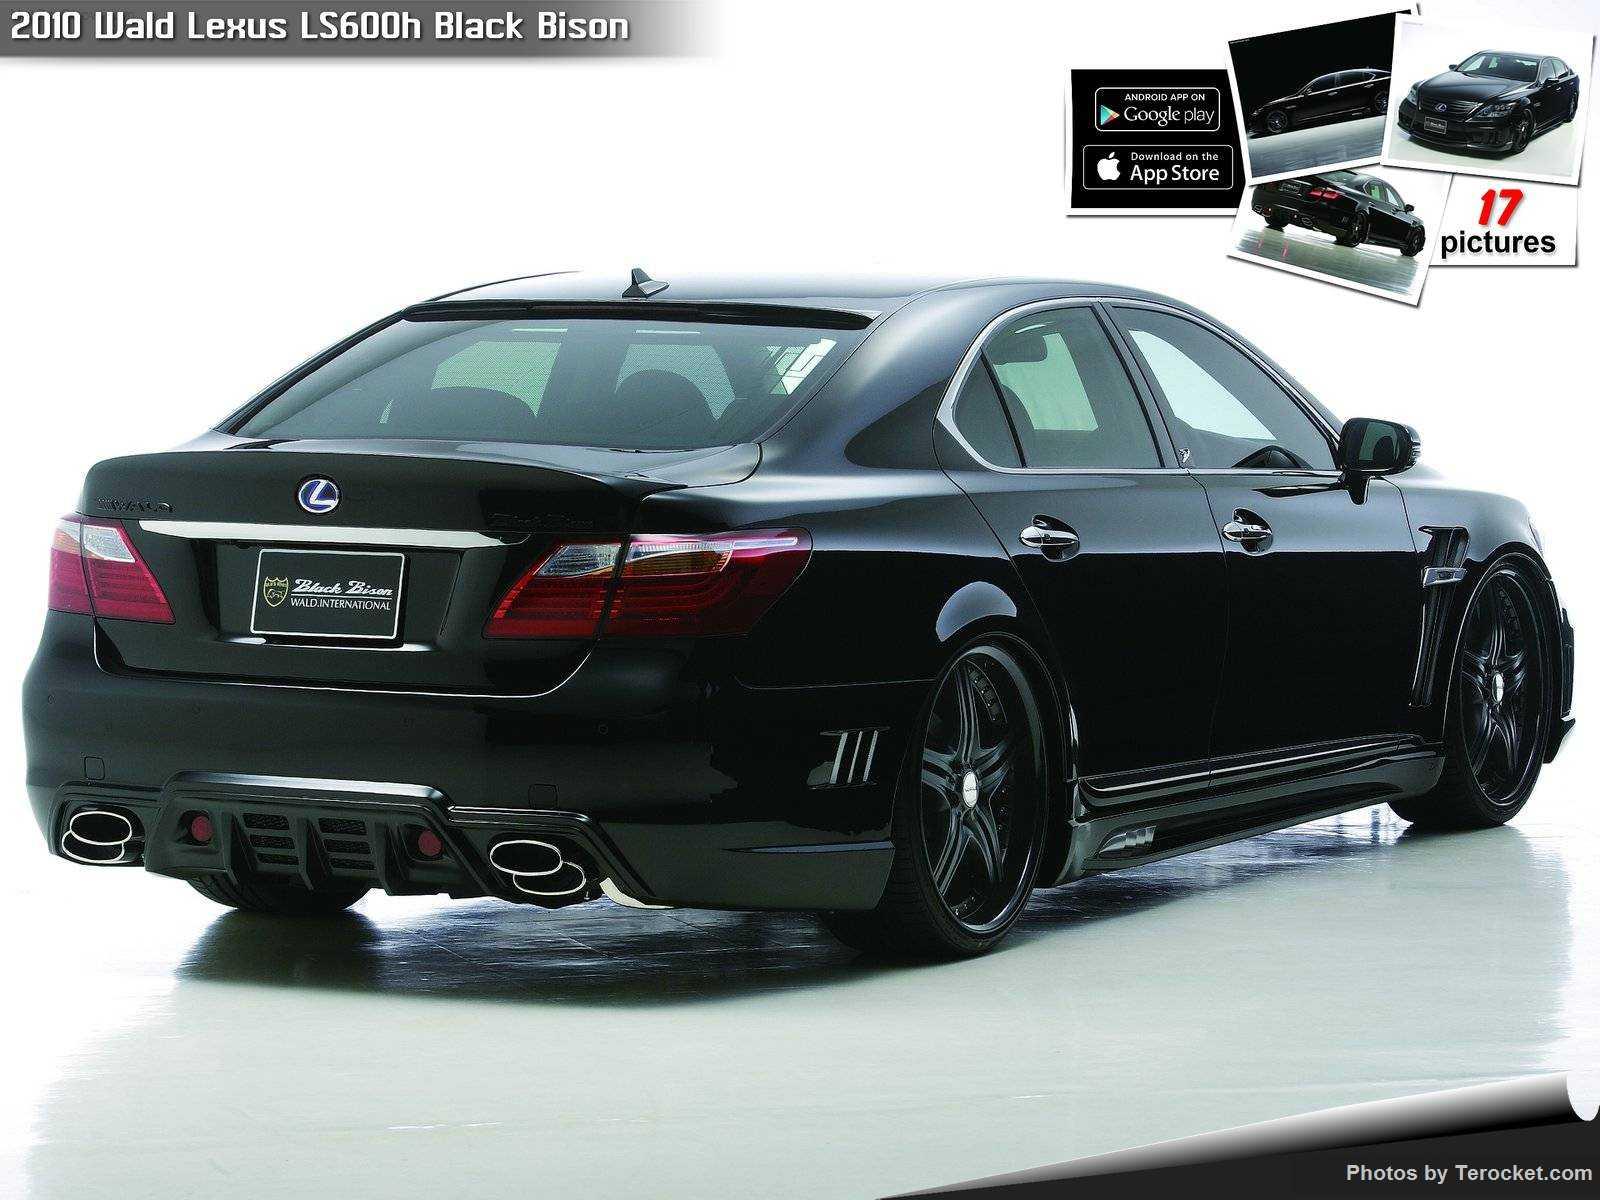 Hình ảnh xe độ Wald Lexus LS600h Black Bison 2010 & nội ngoại thất